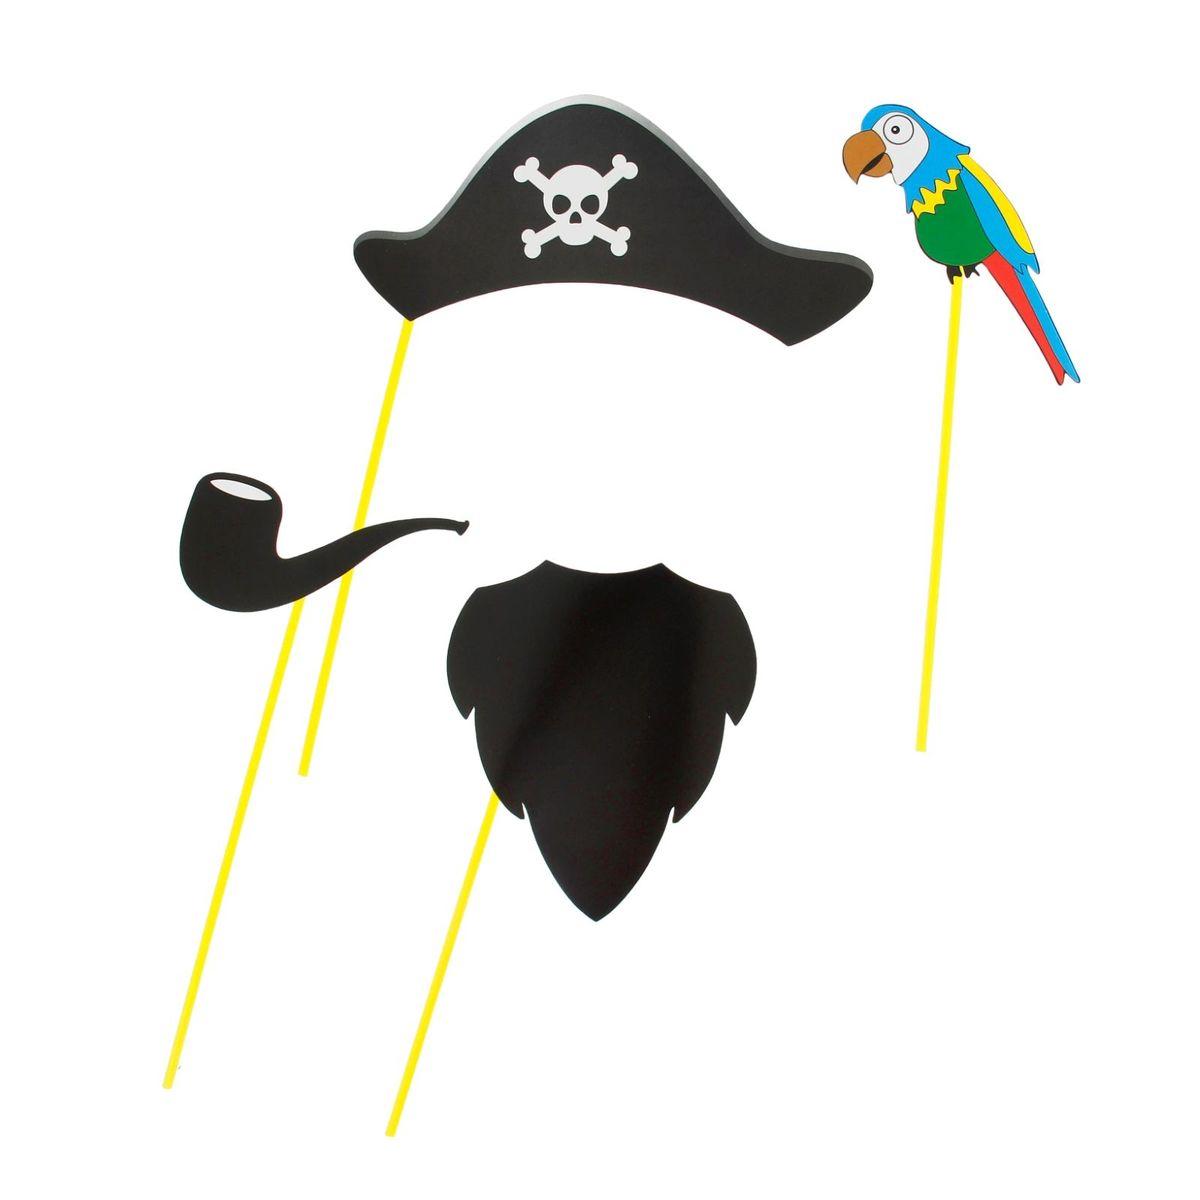 Набор для фотосессии Страна Карнавалия  Пират , 4 предмета. 1019773 -  Карнавальные костюмы и аксессуары